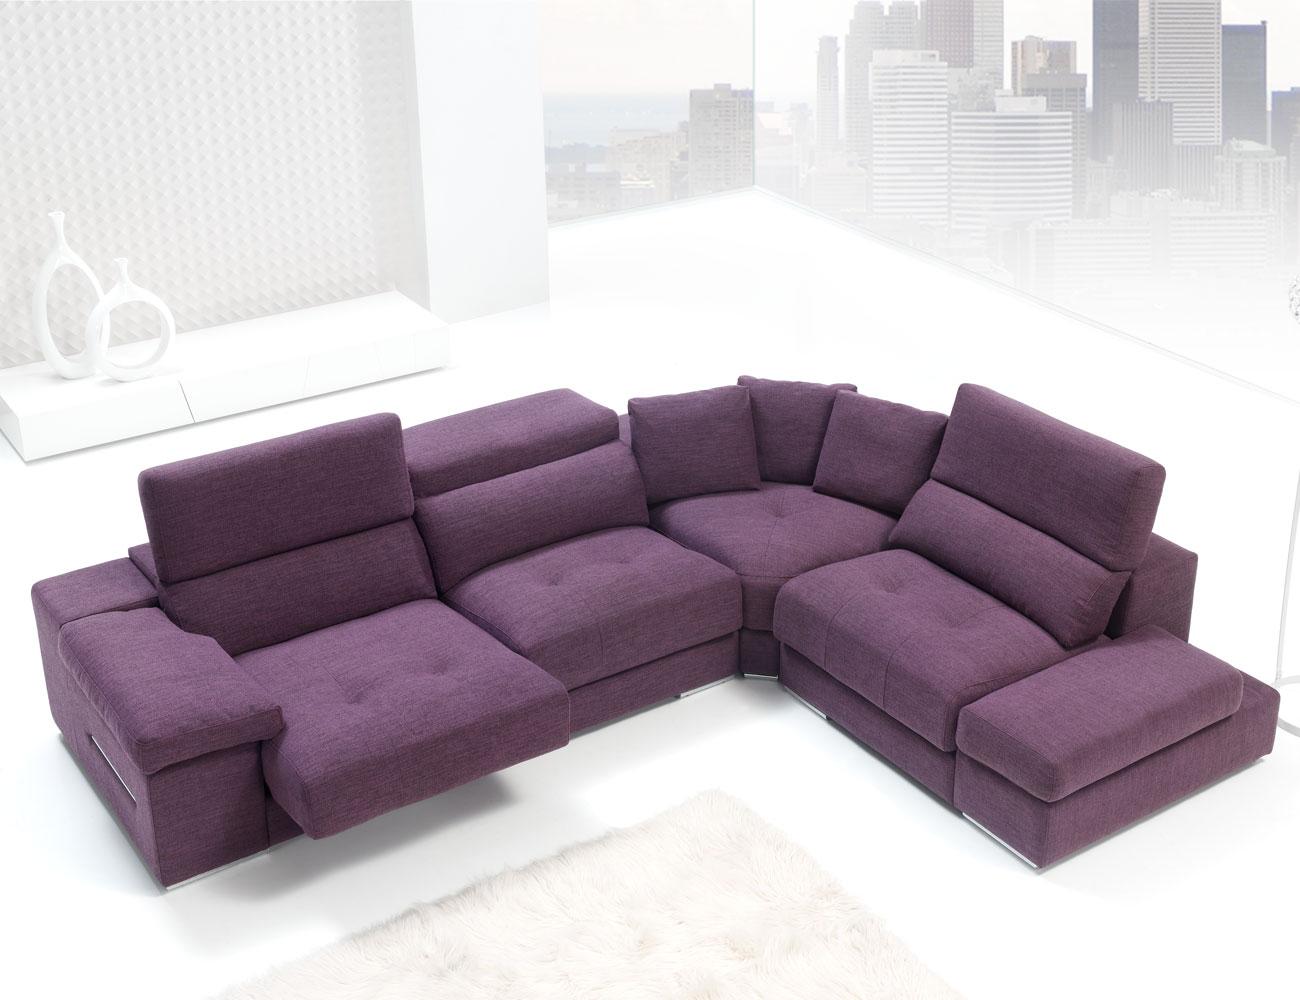 Sofa chaiselongue rincon con brazo mecanico tejido anti manchas 219